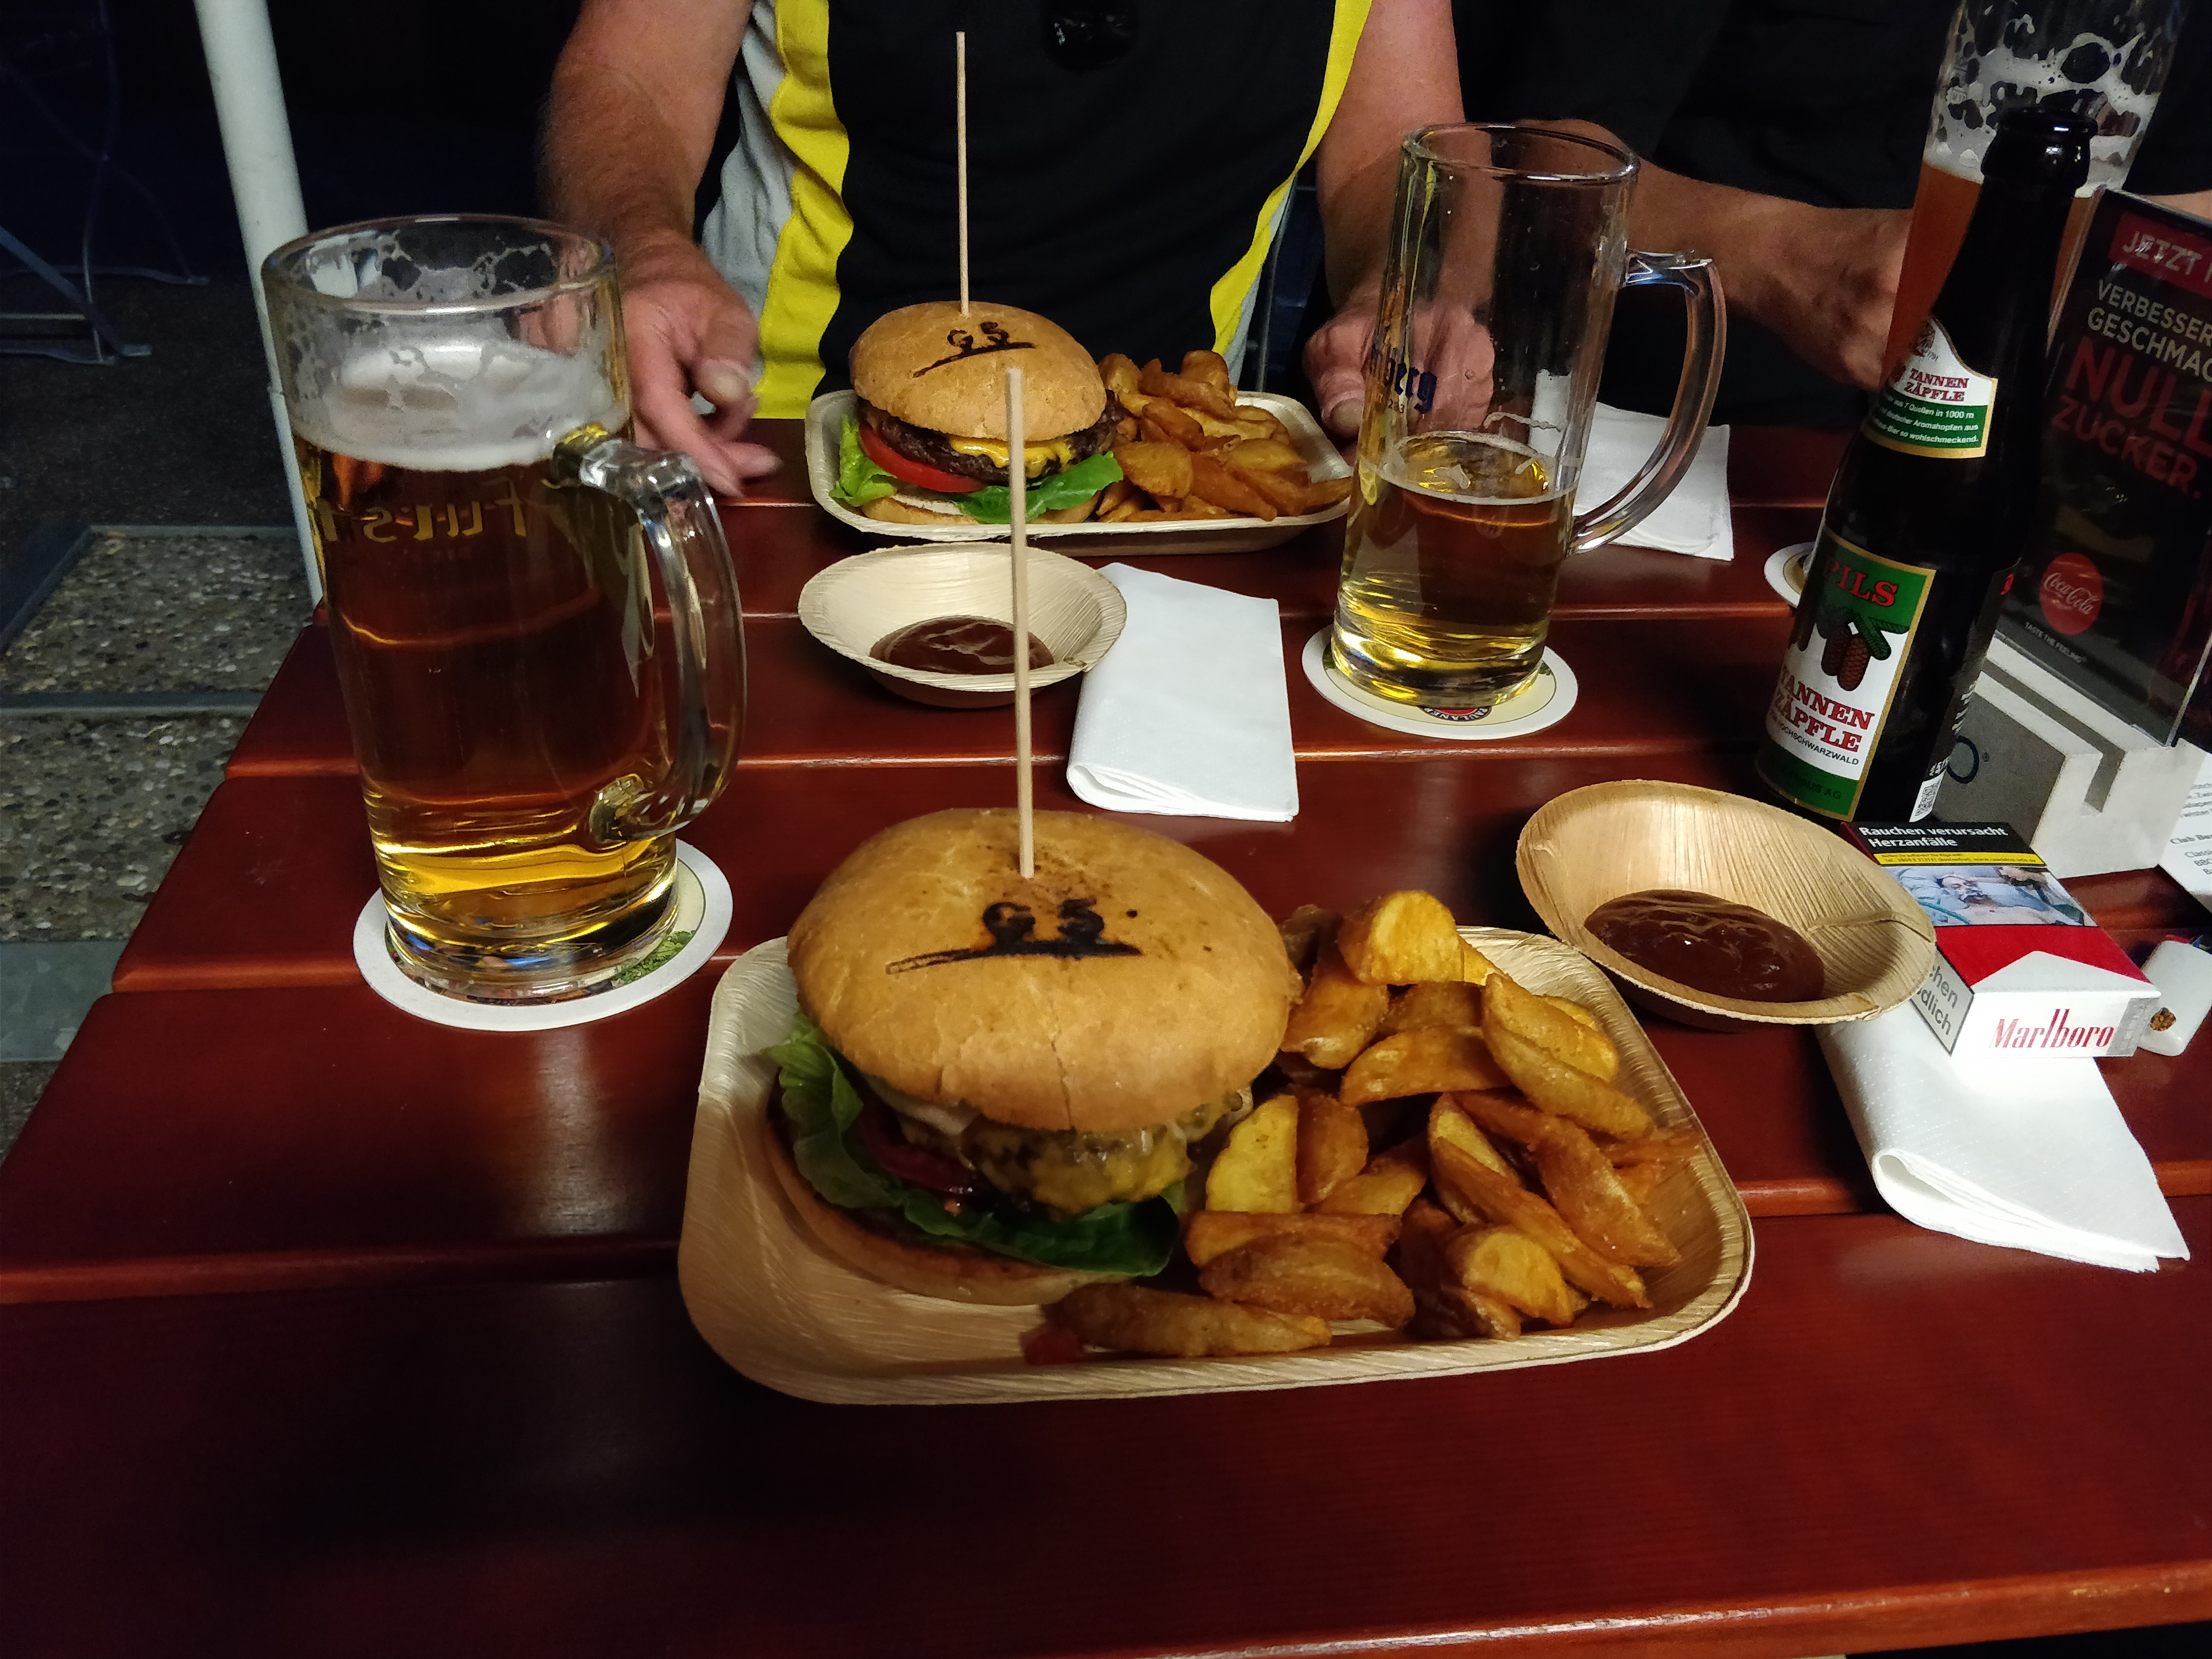 http://foodloader.net/nico_2017-08-04_g5-burger-mit-kartoffelecken.jpg